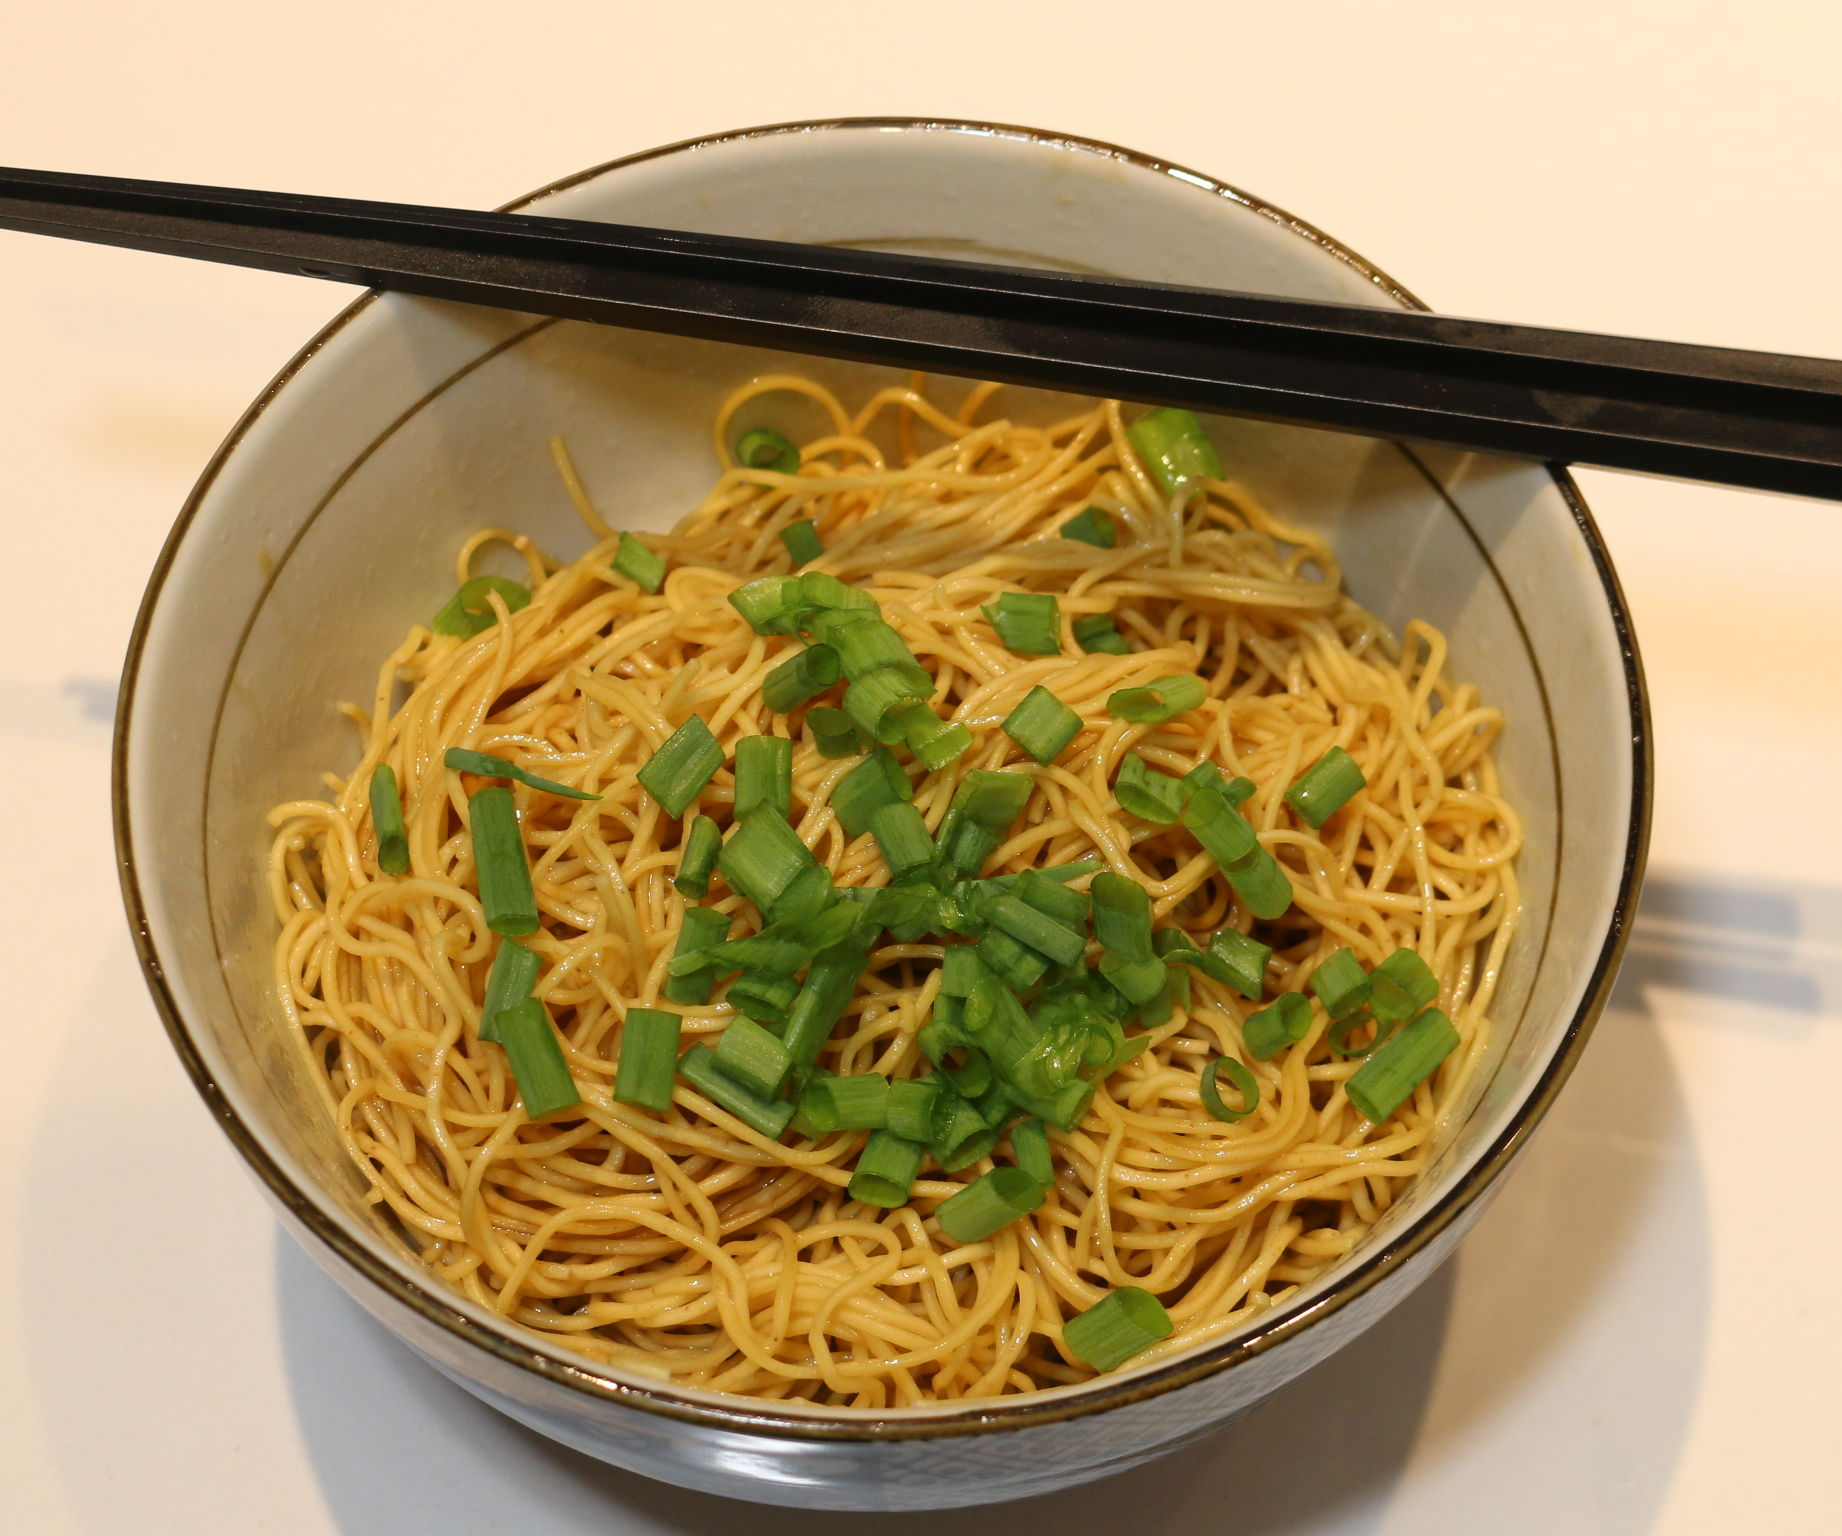 How to Make Oyster Sauce Shrimp Noodles